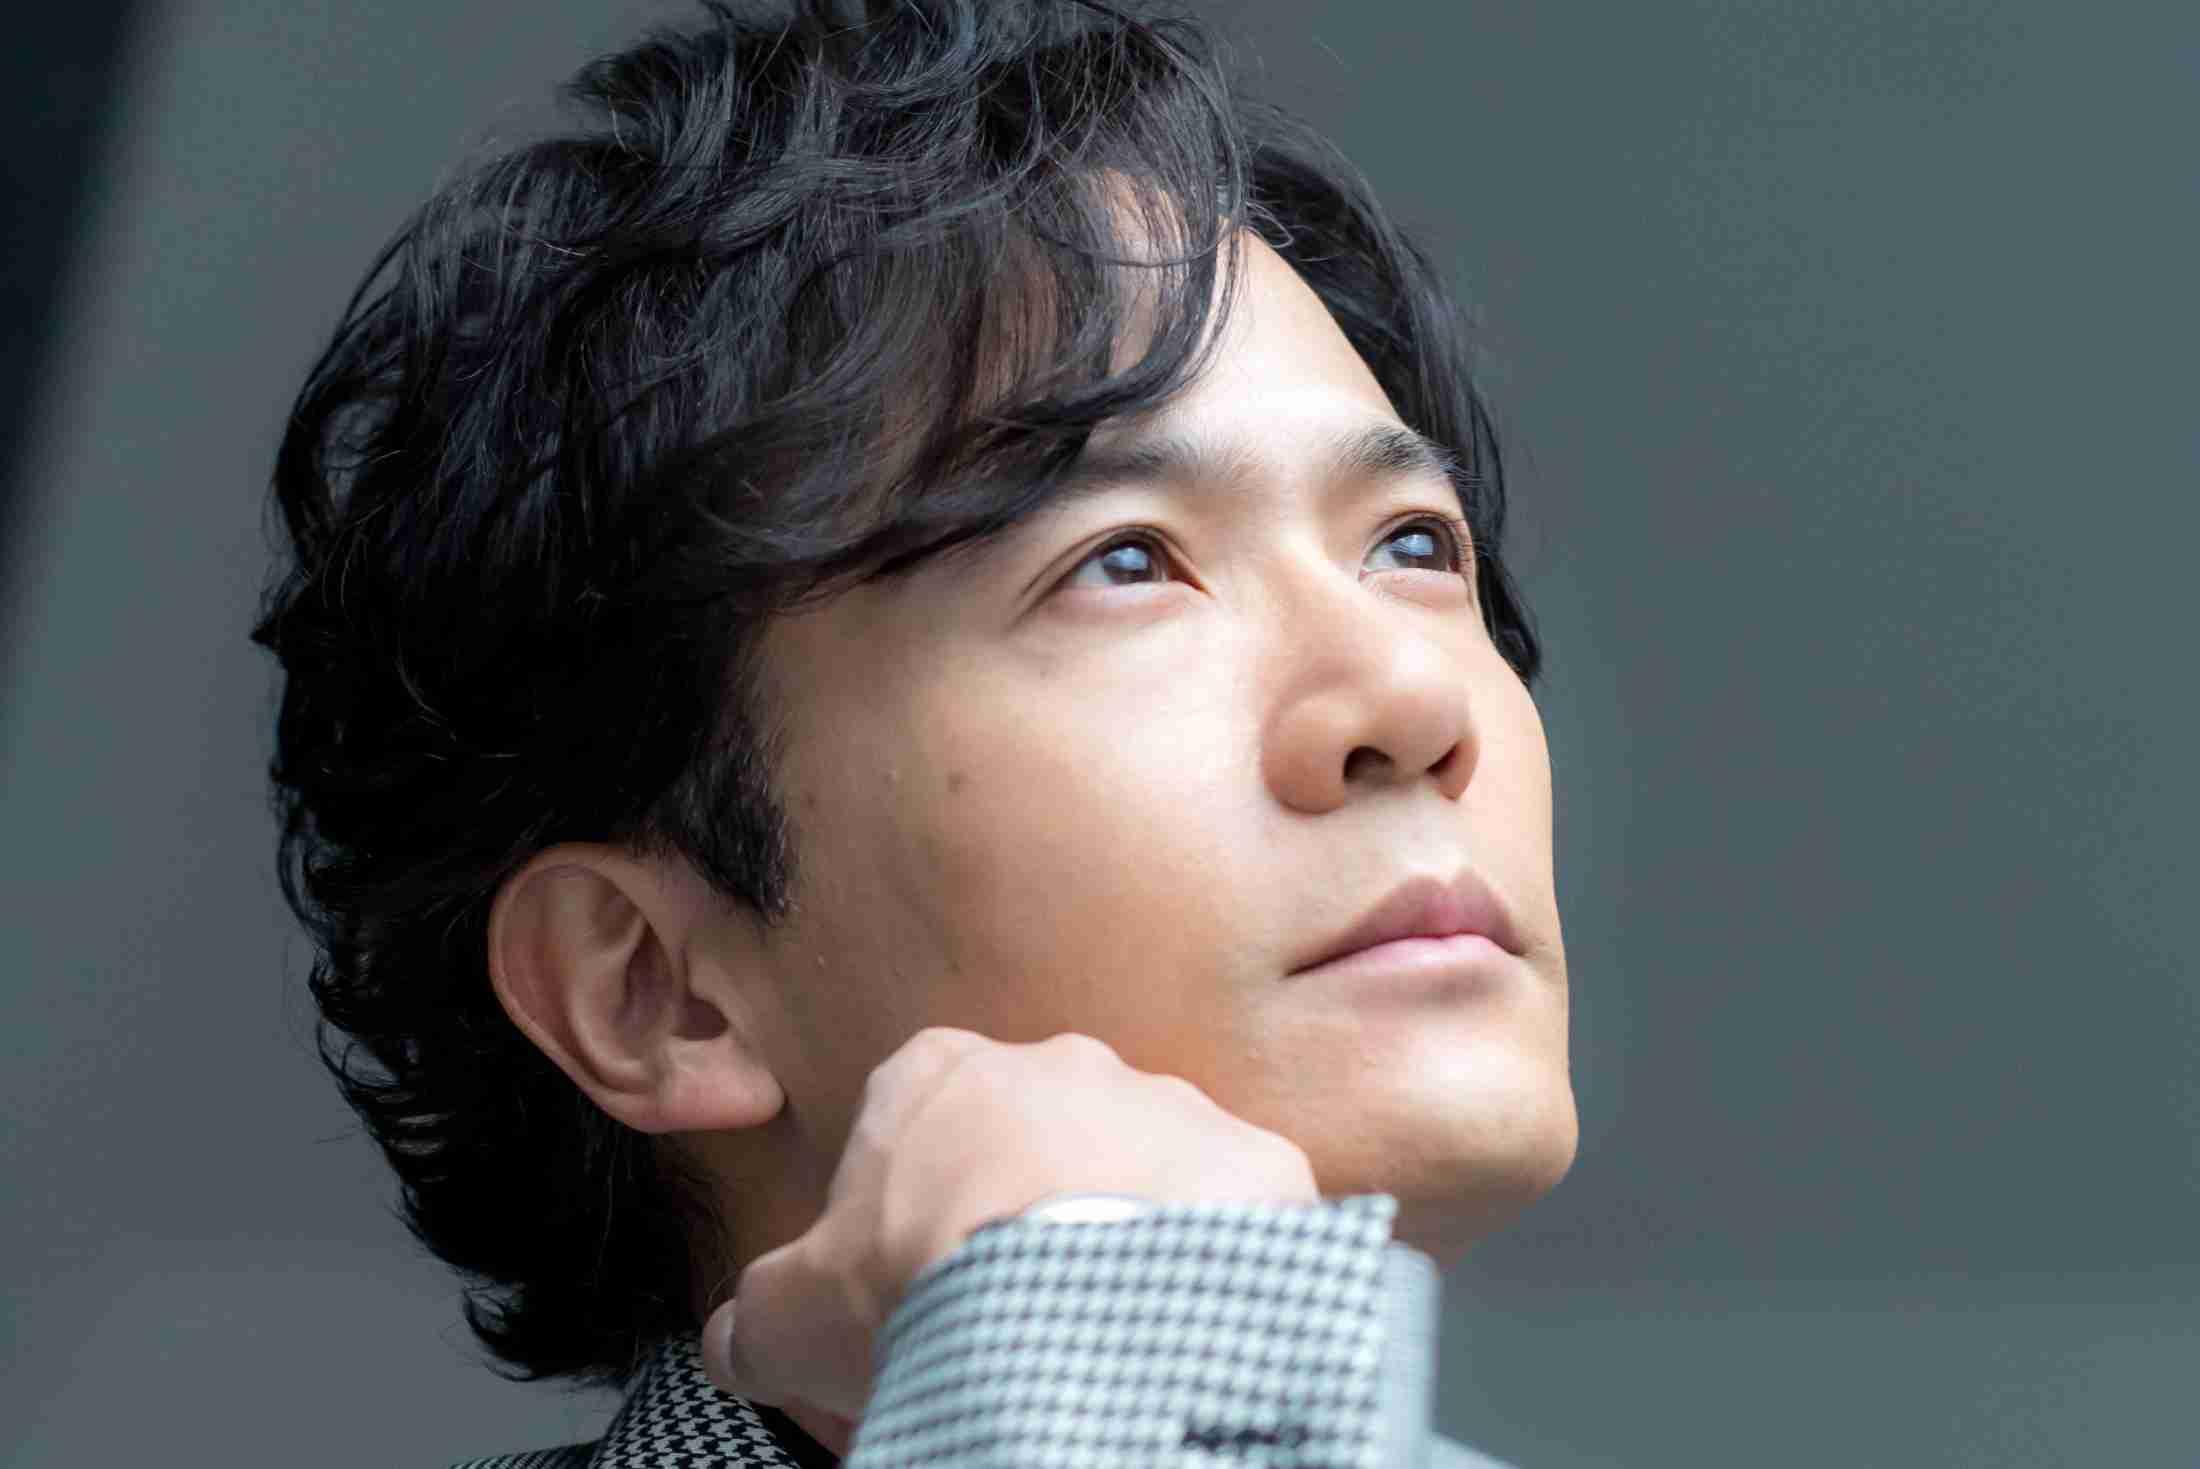 稲垣吾郎44歳バースデーにコメント殺到 ネット「去年と比べると夢のよう」